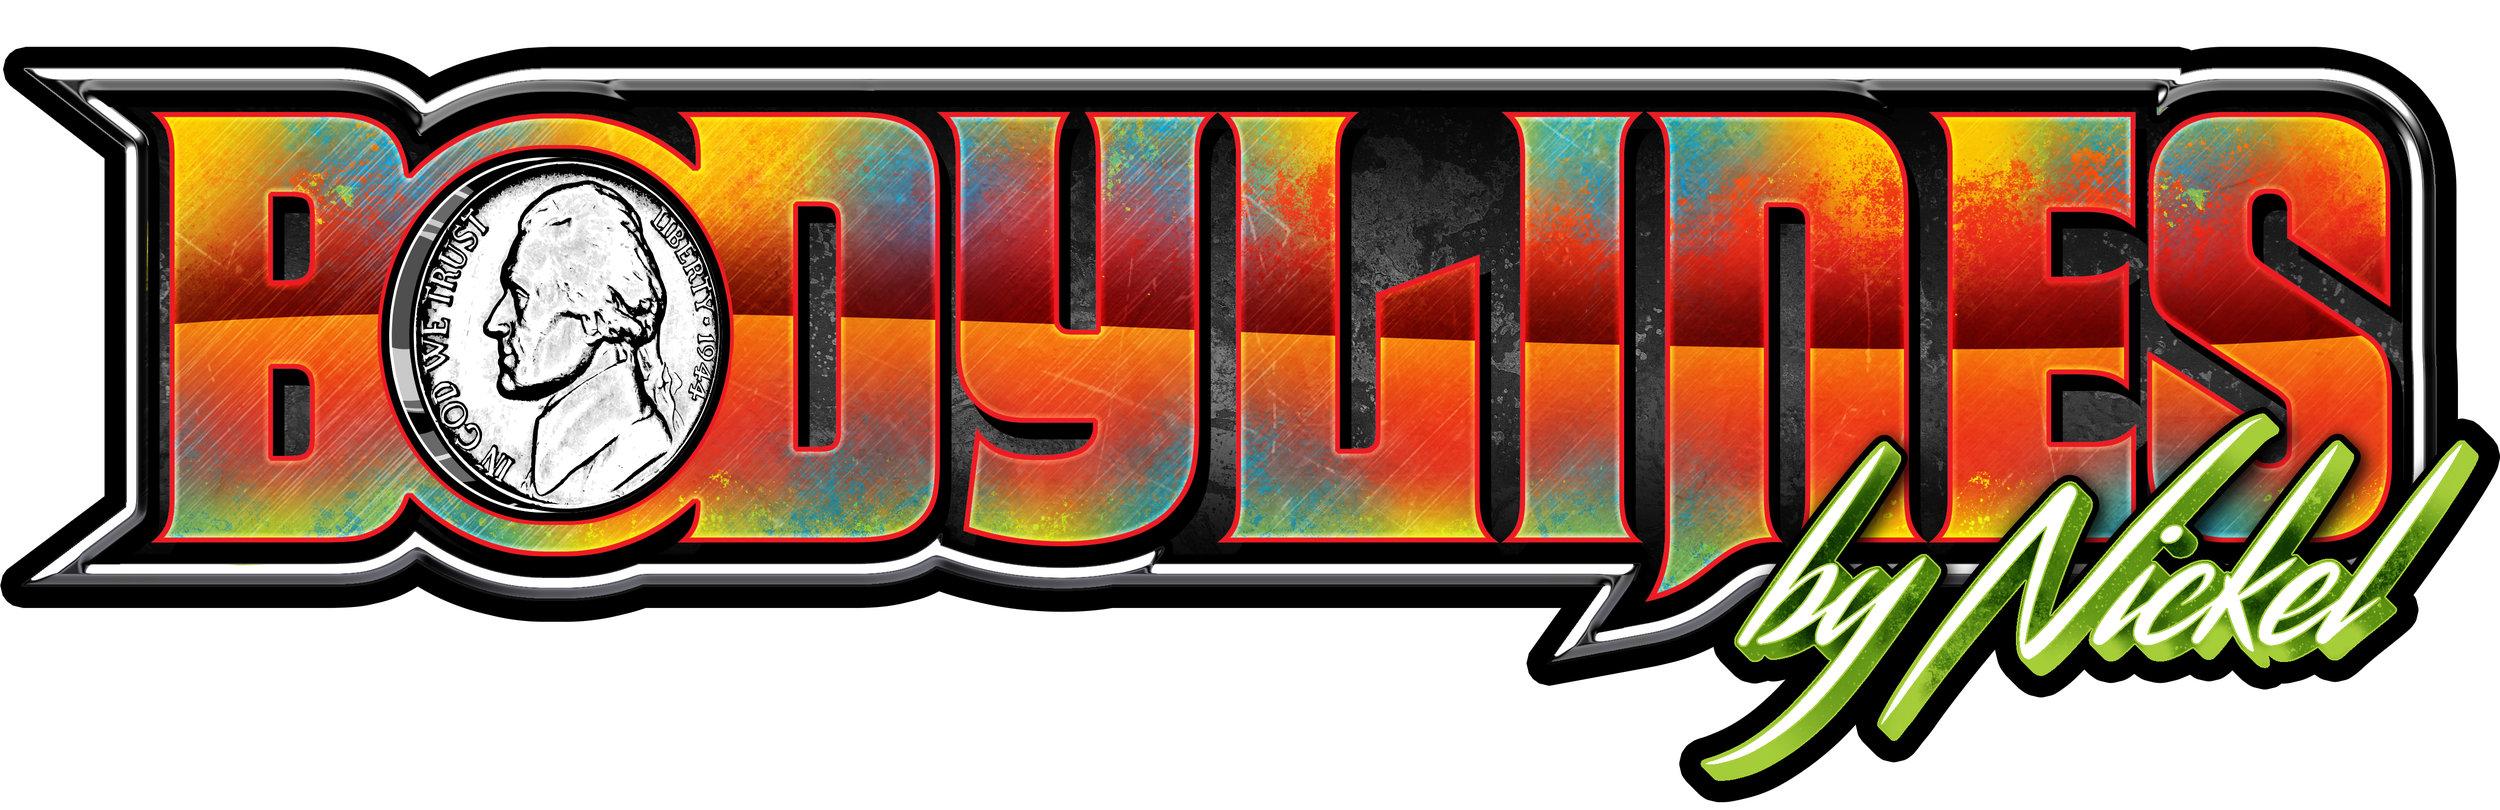 BLBN-Logo-HiRes.jpg